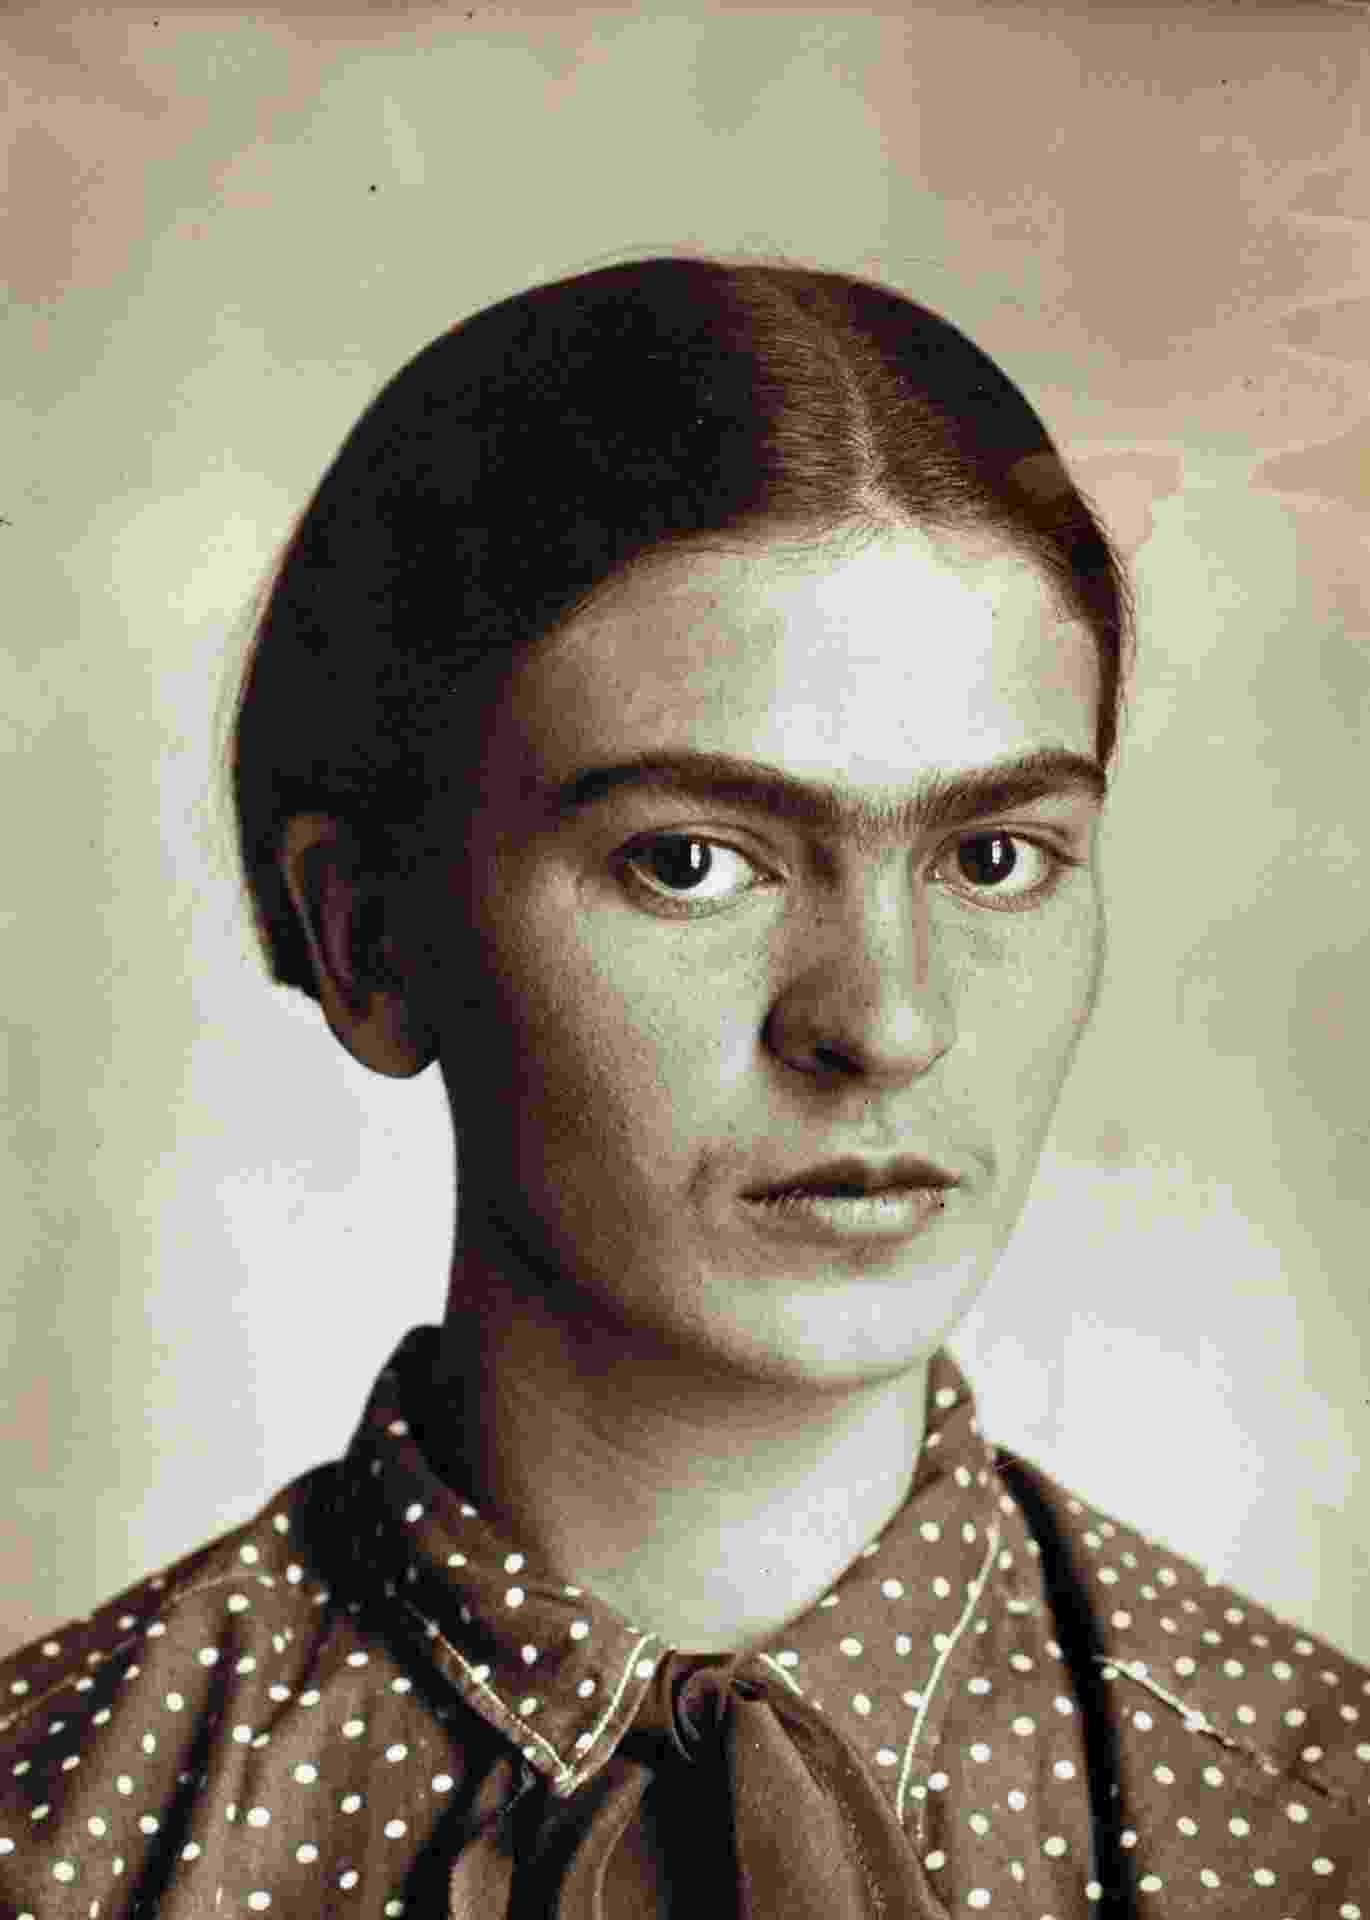 A pintora mexicana Frida Kahlo fotografada por seu pai, Guilhermo - Divulgação